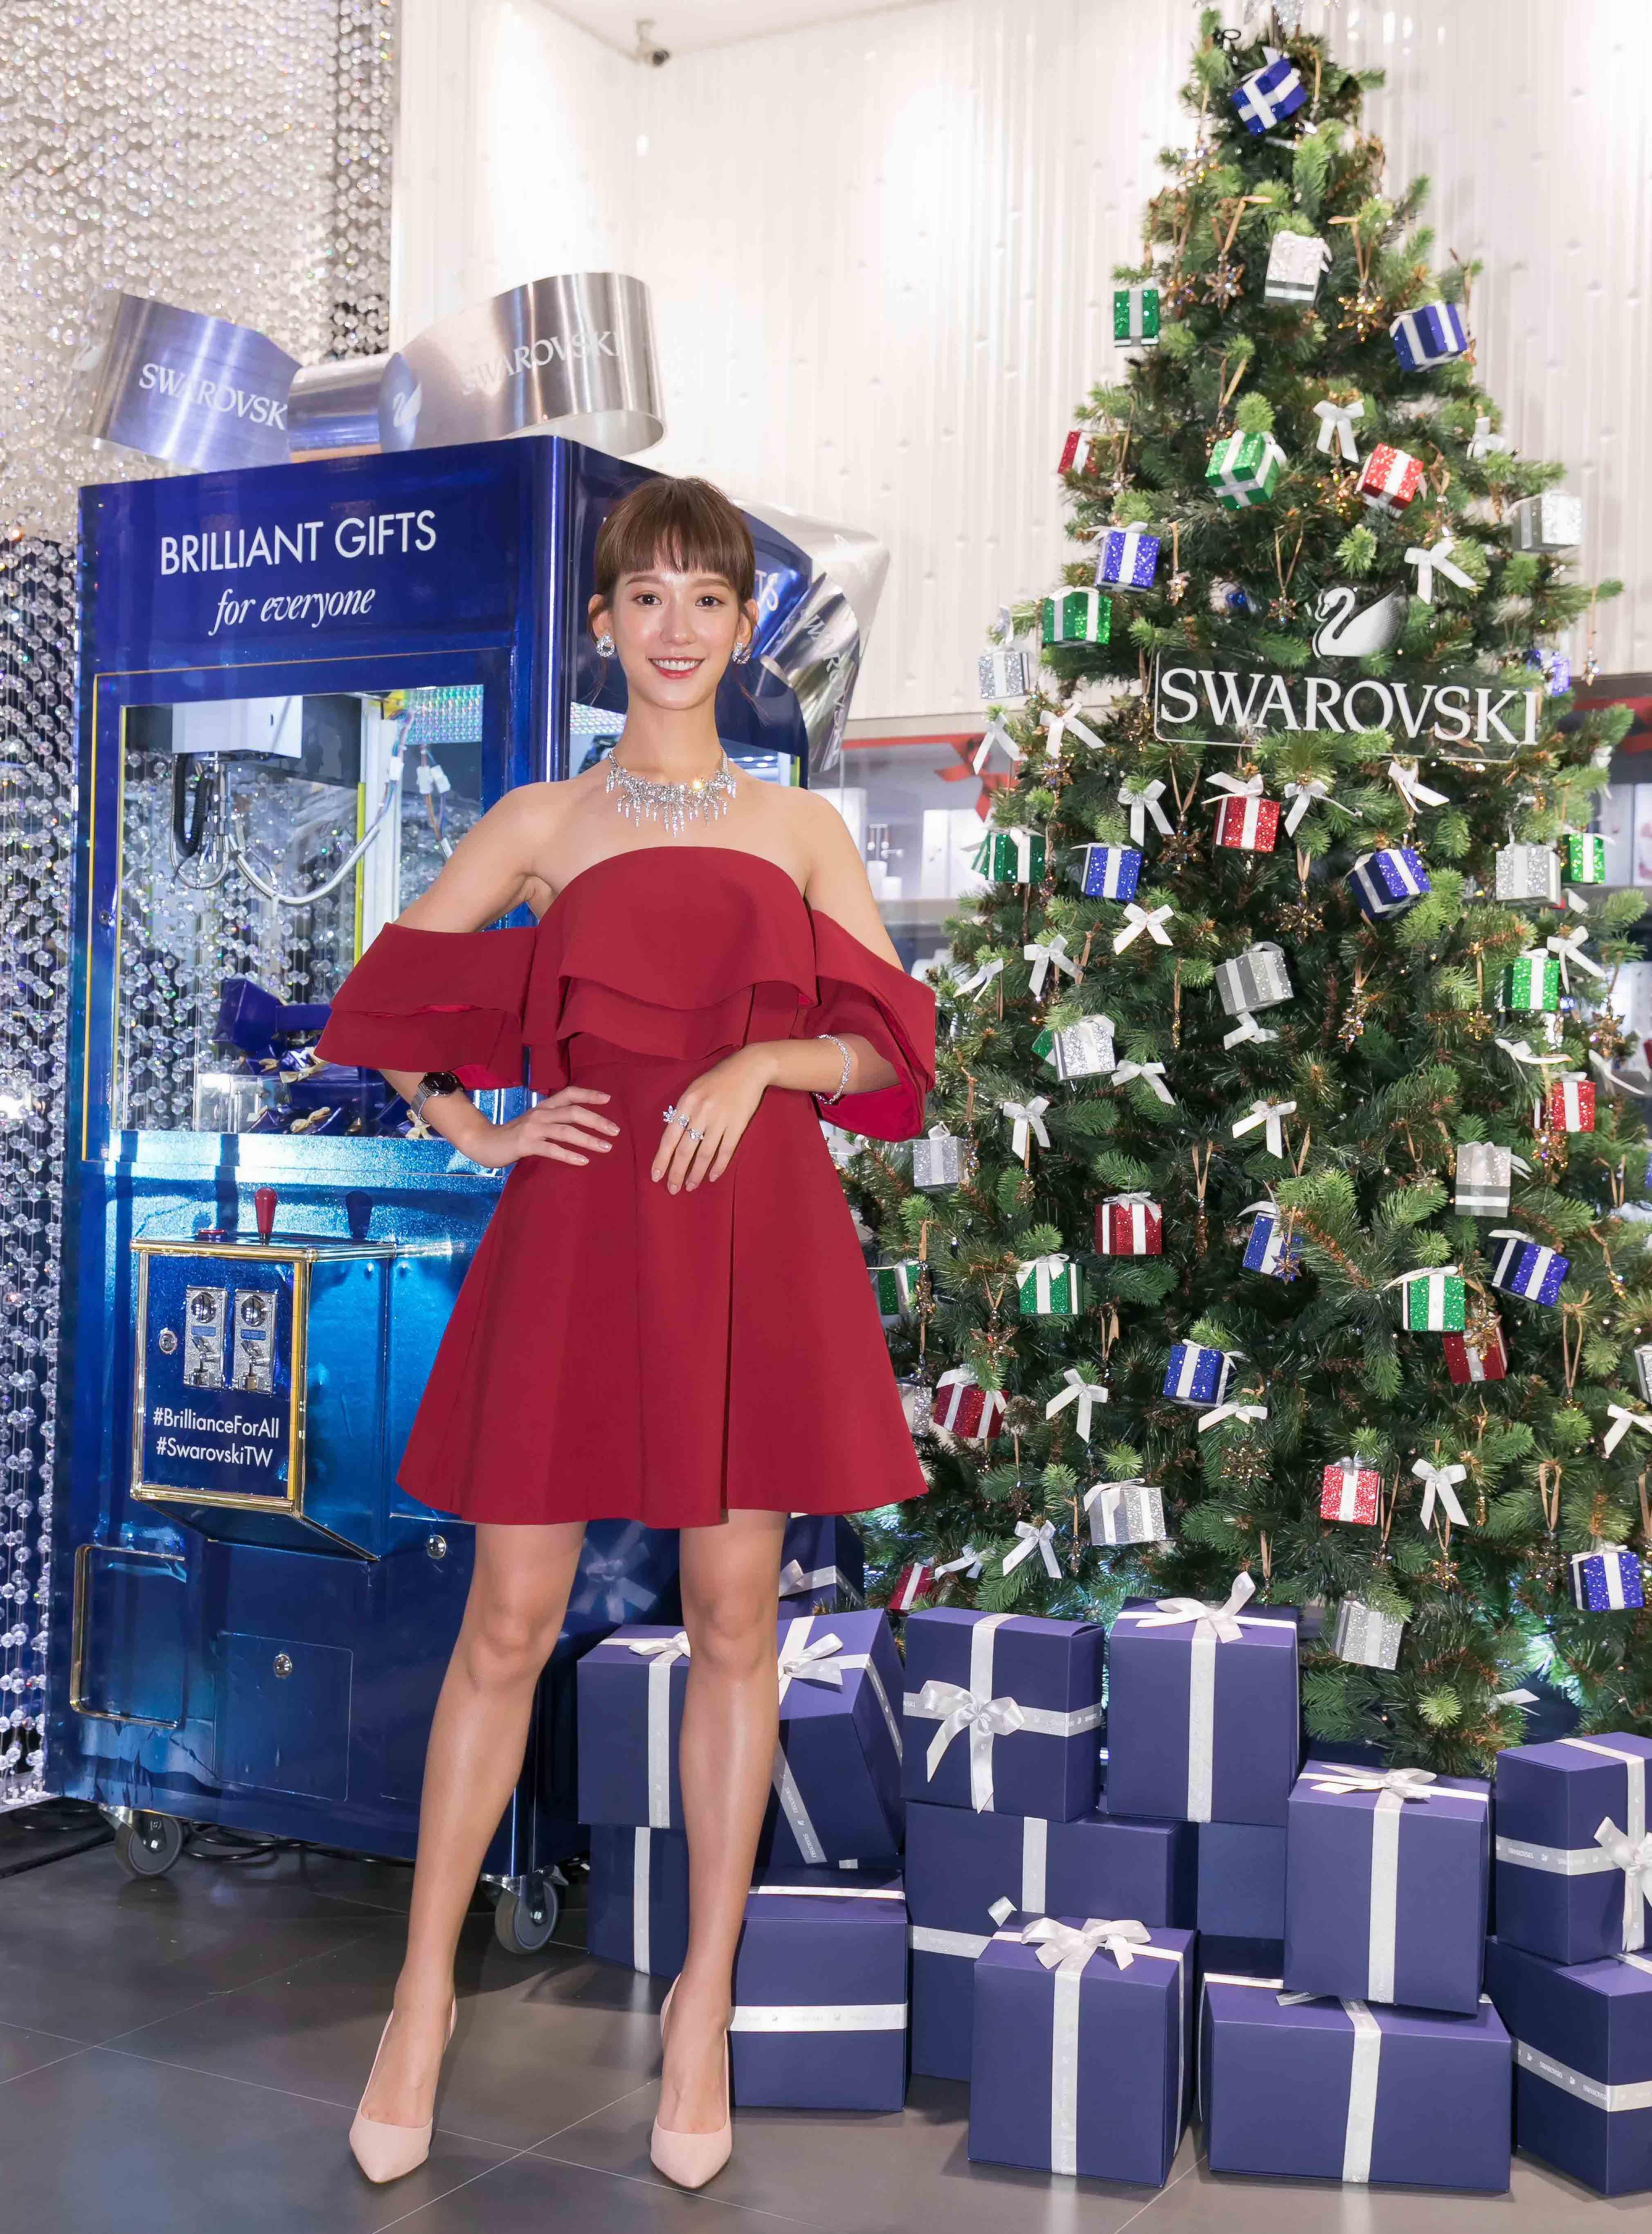 熱愛耶誕節的孟耿如出席swarovski舉辦的節慶新品發表